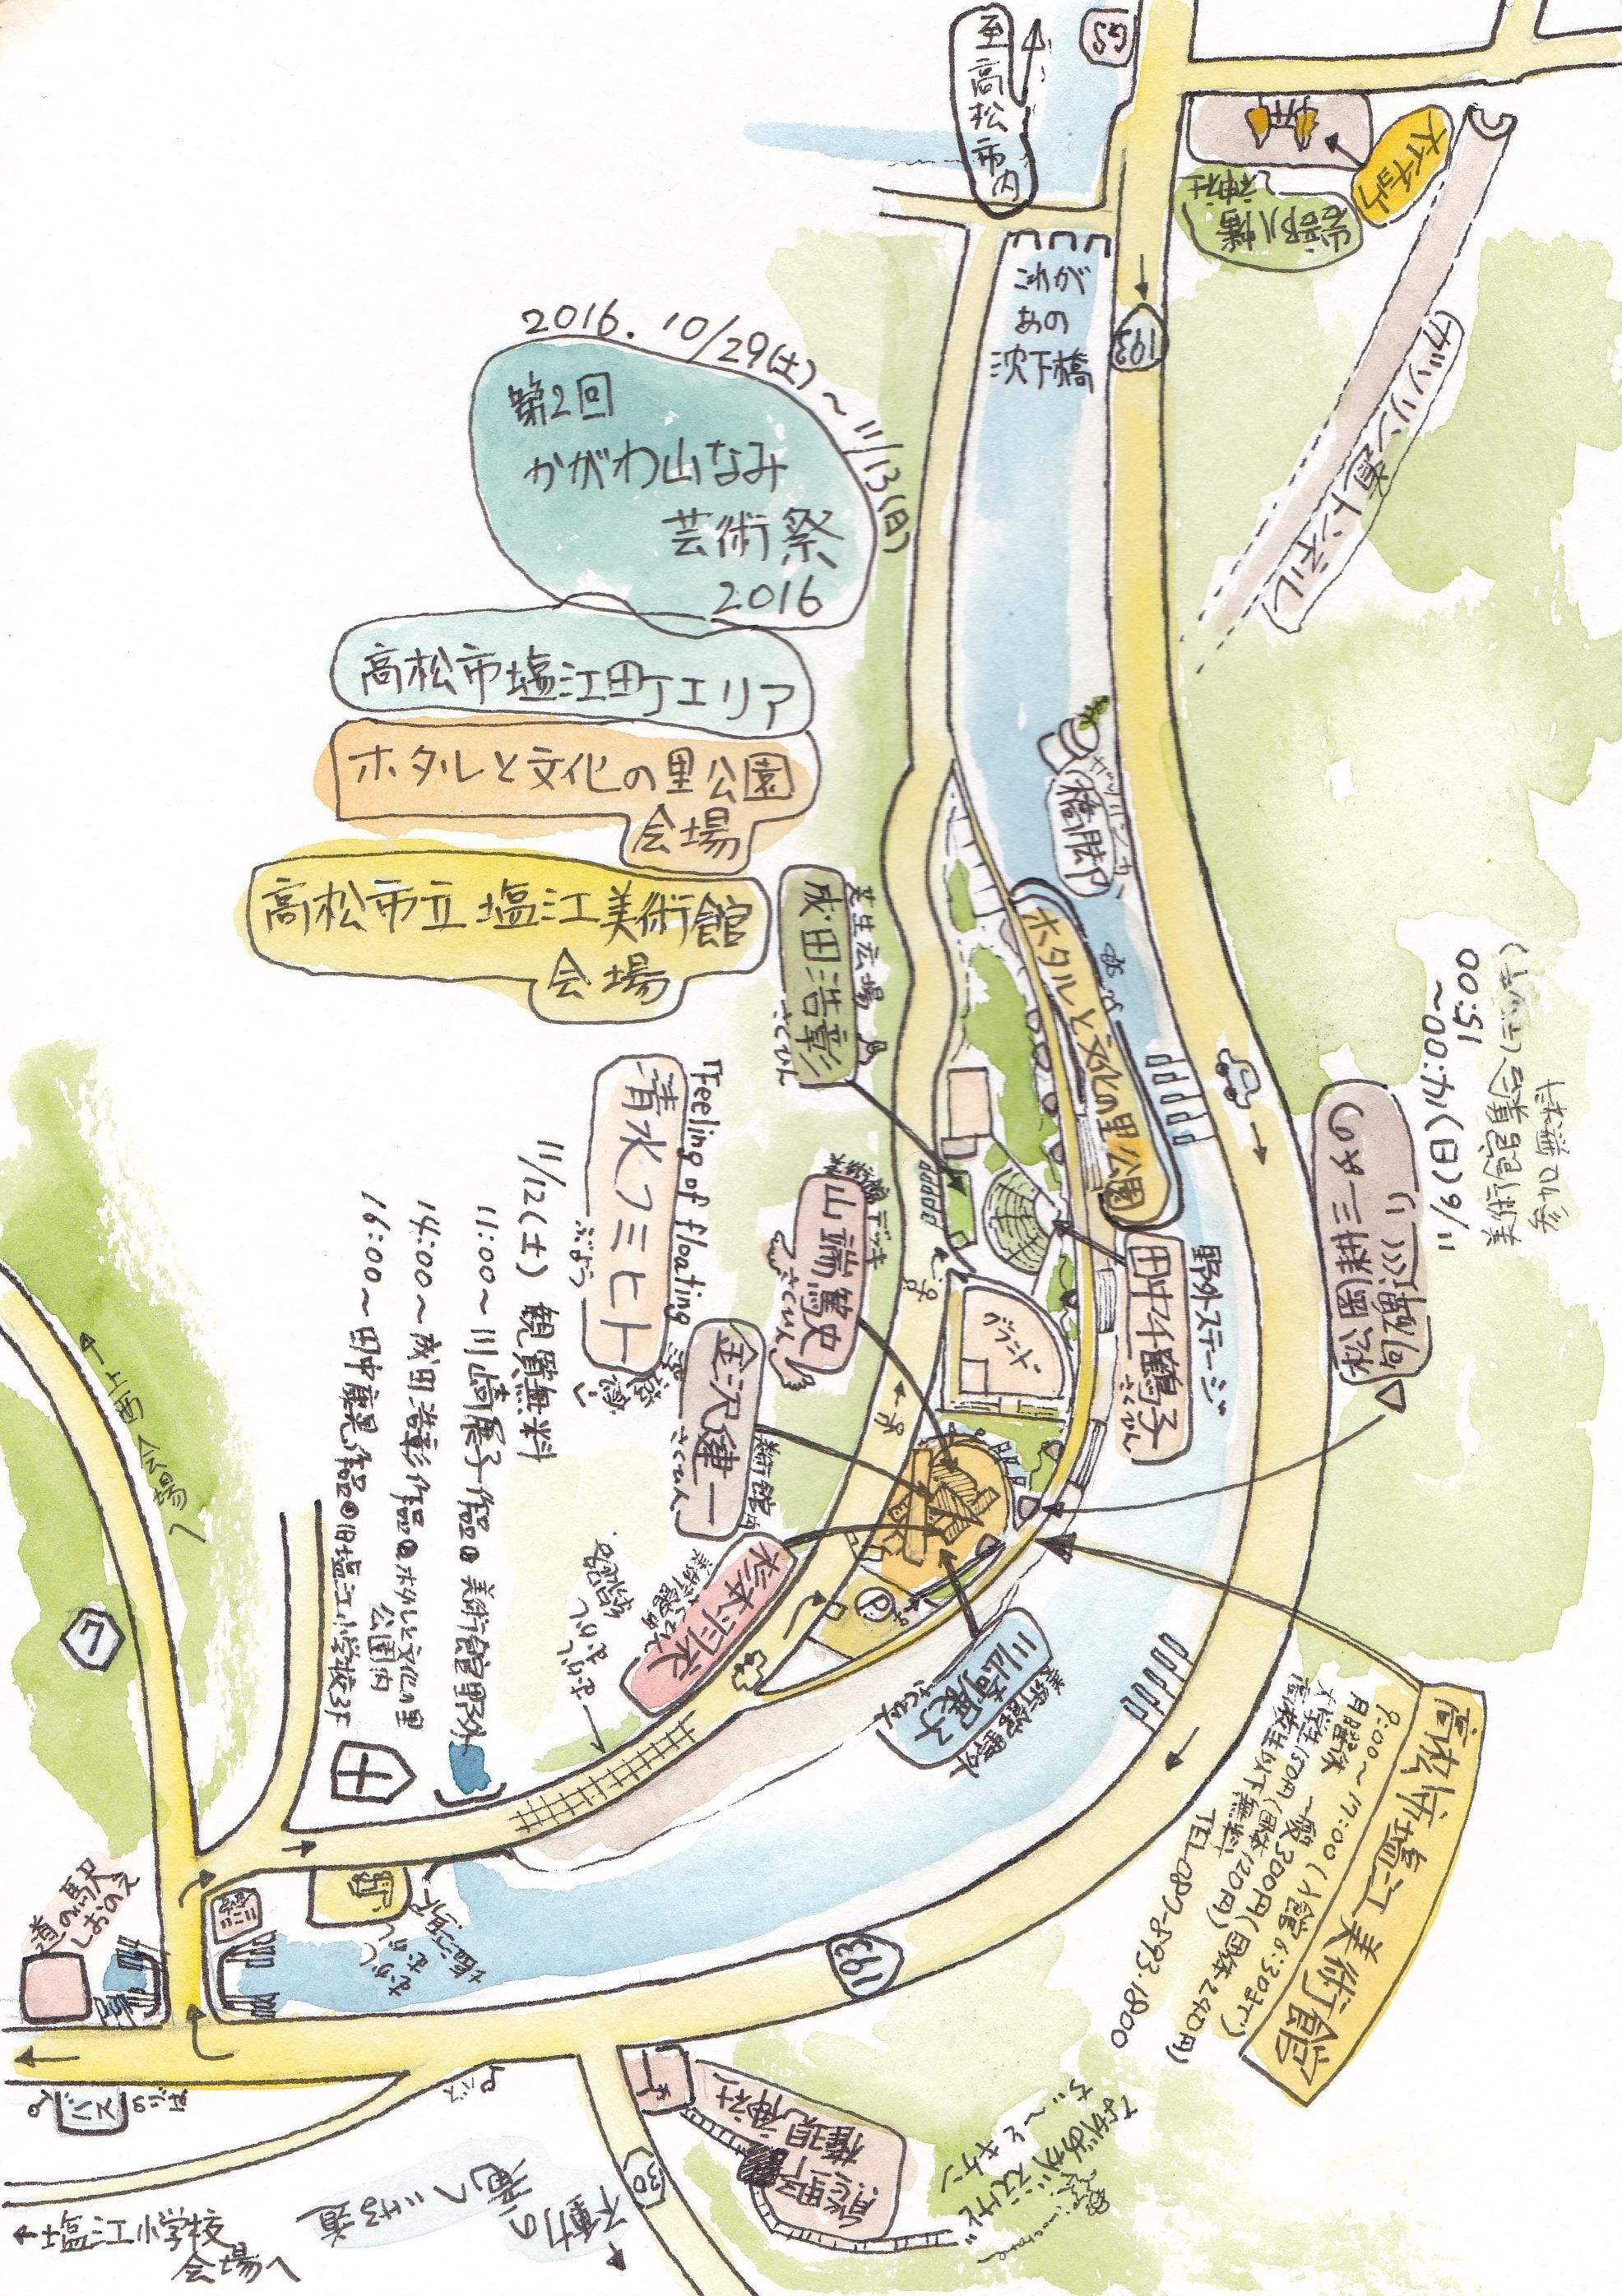 かがわ・山なみ芸術祭マップ ホタルと文化の里公園、美術館